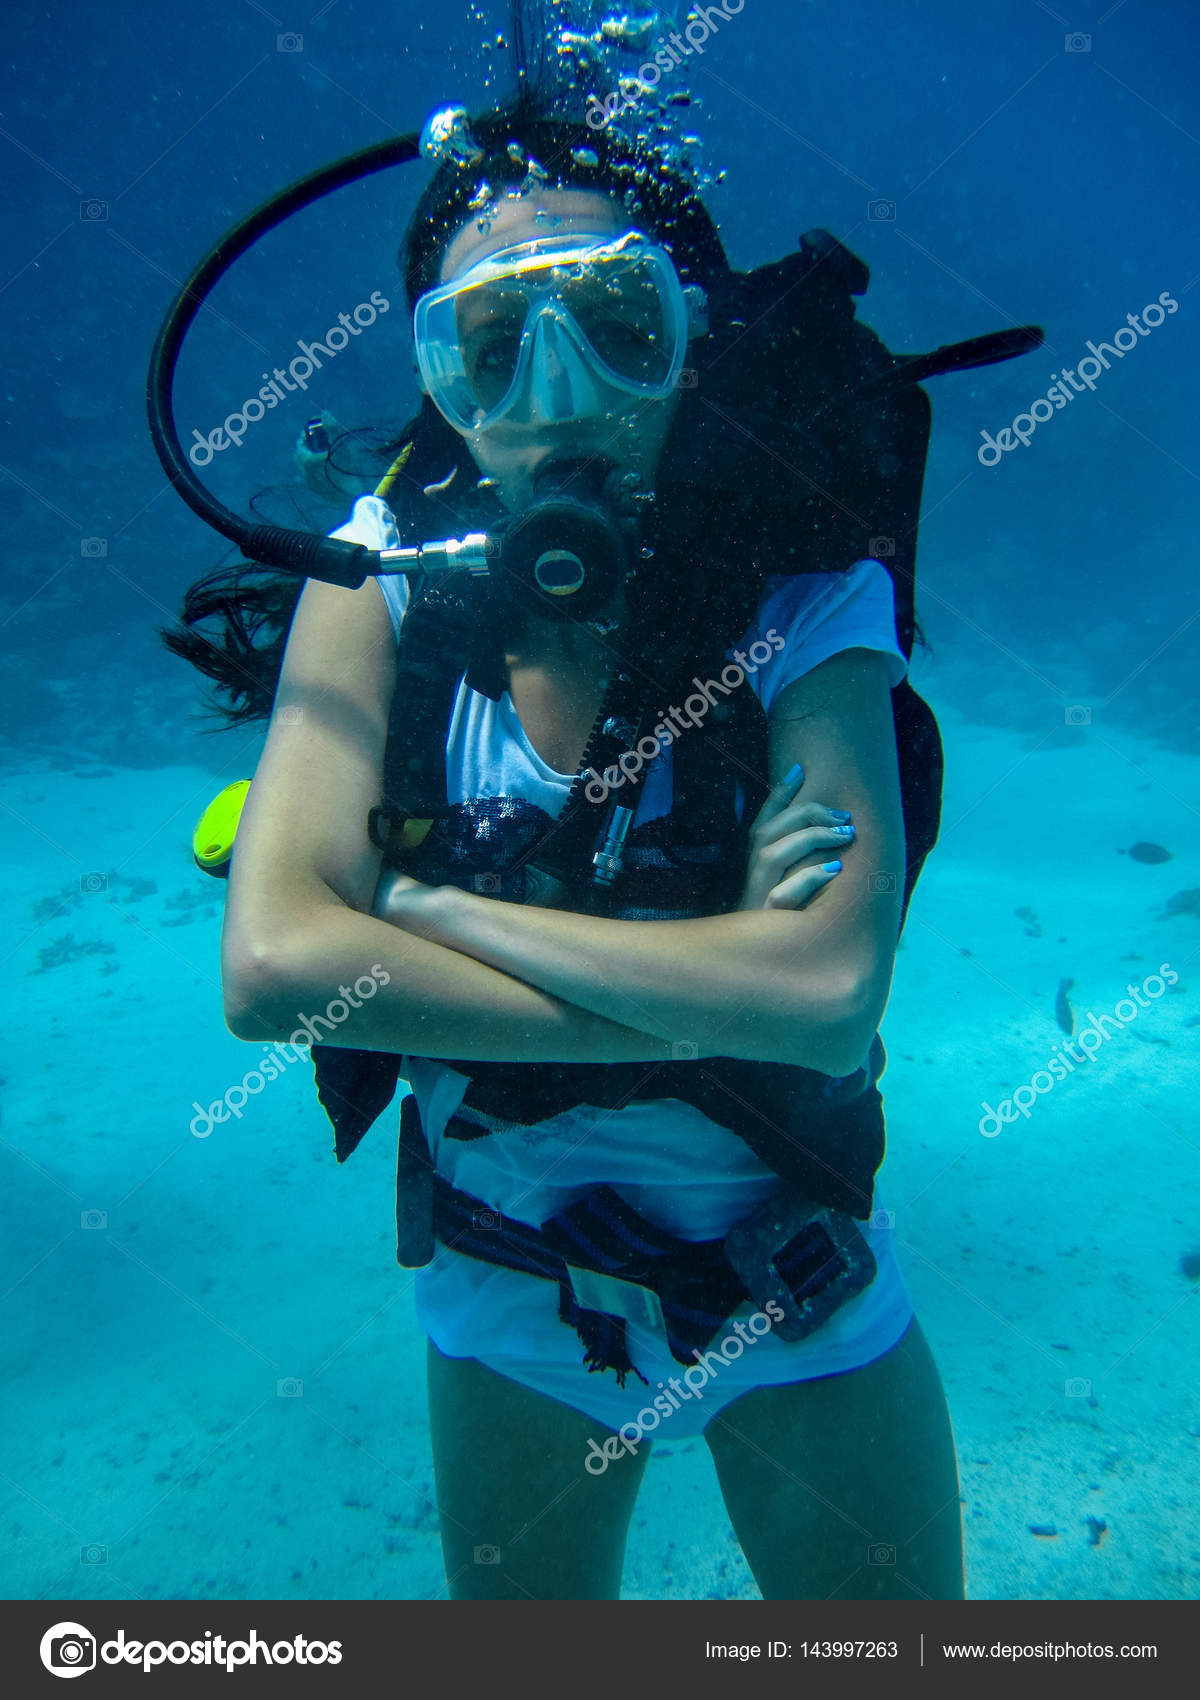 女性とスキューバ ダイビングの水中撮影 — ストック写真